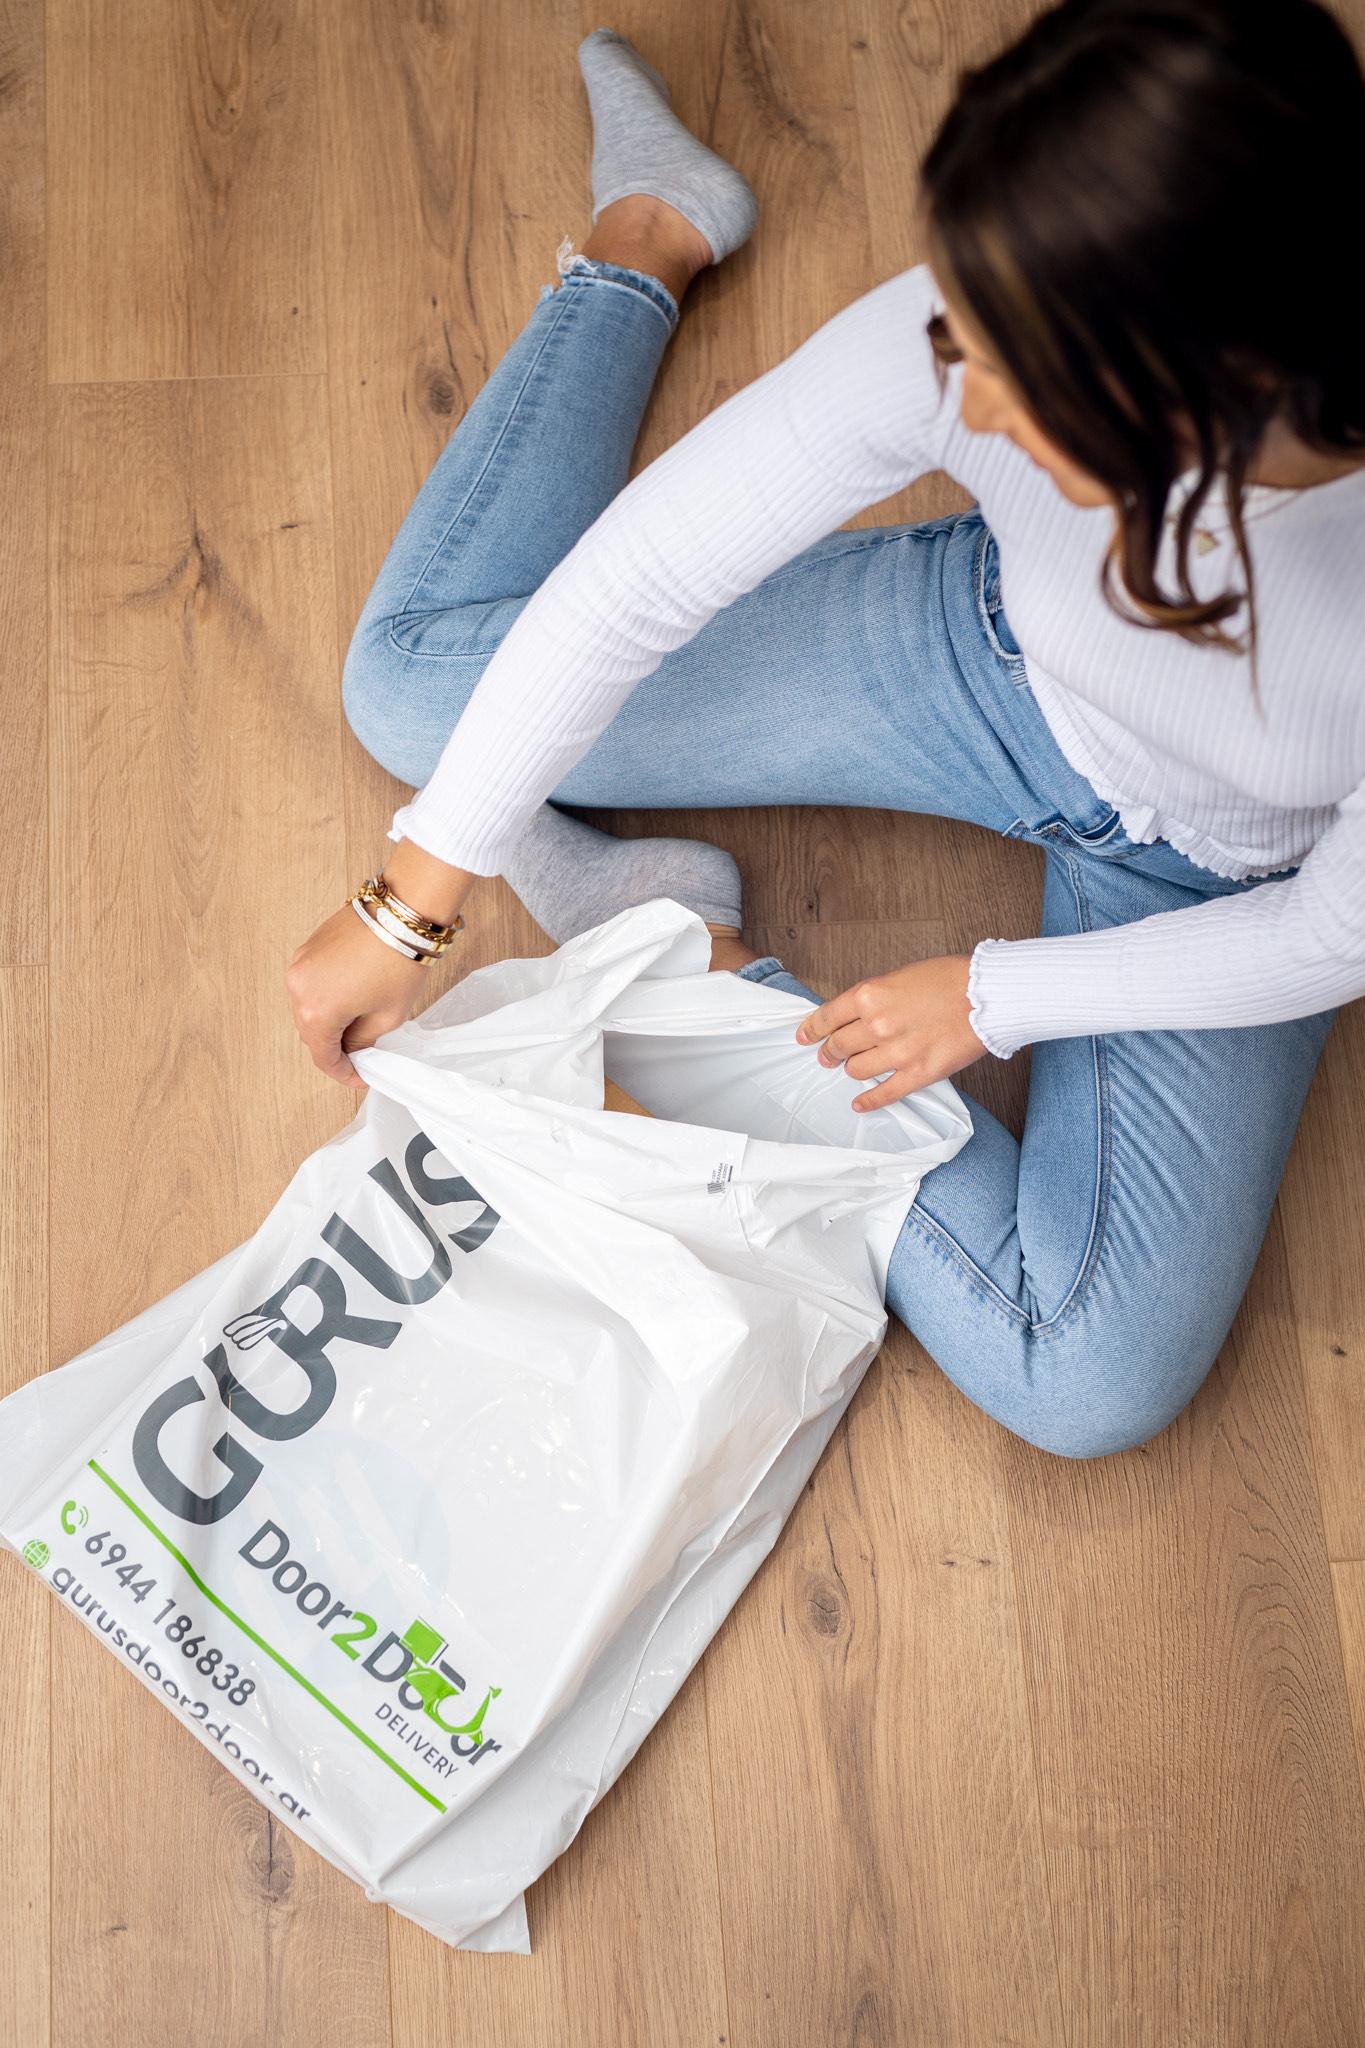 """image 6483441 2 Gurus Door2Door: Η startup απο την Πάτρα που κάνει """"πράσινες"""" τις μεταφορές Gurus Door2Door Delivery, startup, ειδήσεις, καινοτομία, Νέα"""